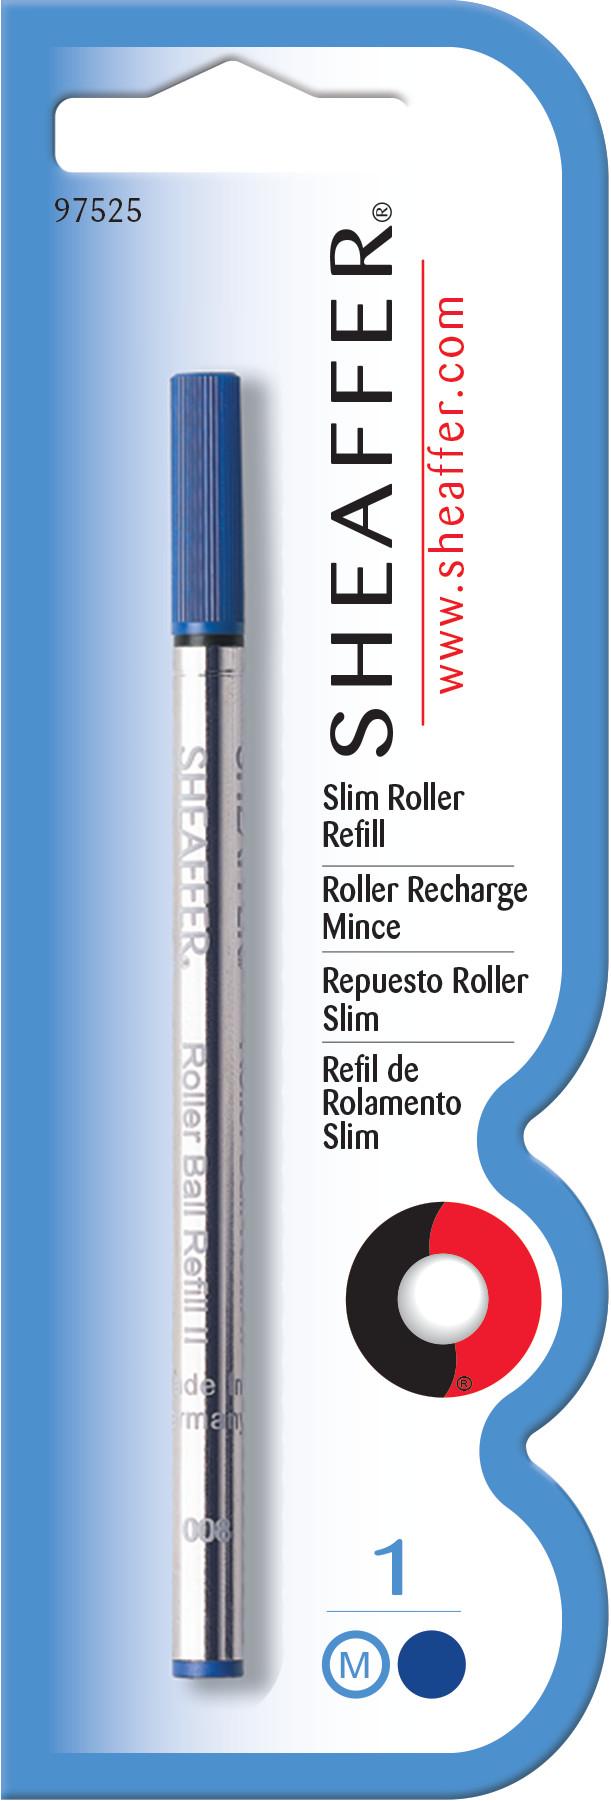 Sheaffer® Slim Rollerball Refill - Blue Medium - Blister Card